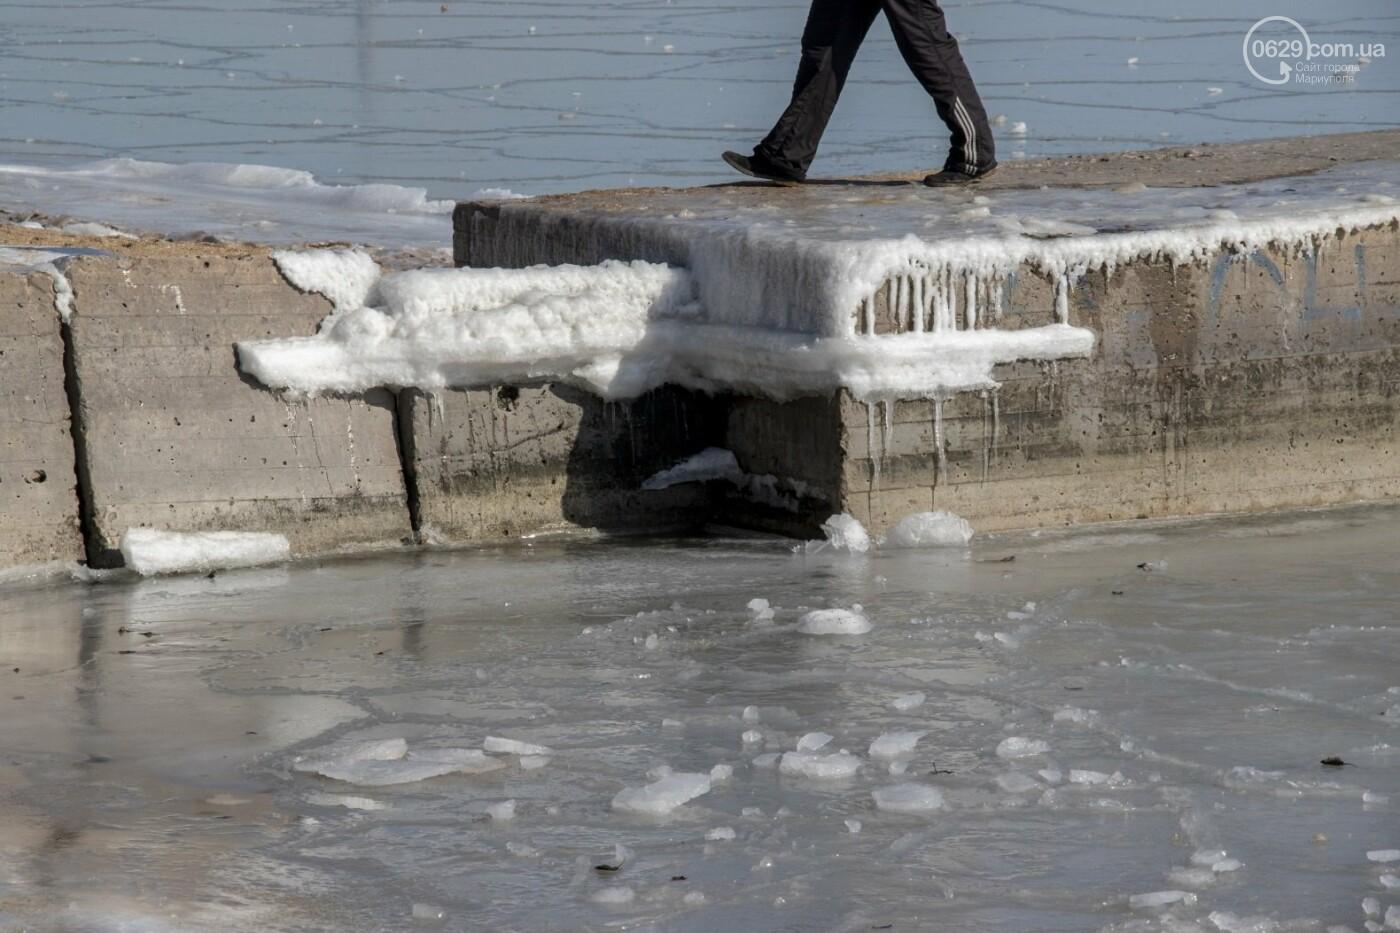 Встать в центр моря и не утонуть. 20 фотографий зимнего Азова в Мариуполе, - ФОТОРЕПОРТАЖ, фото-1